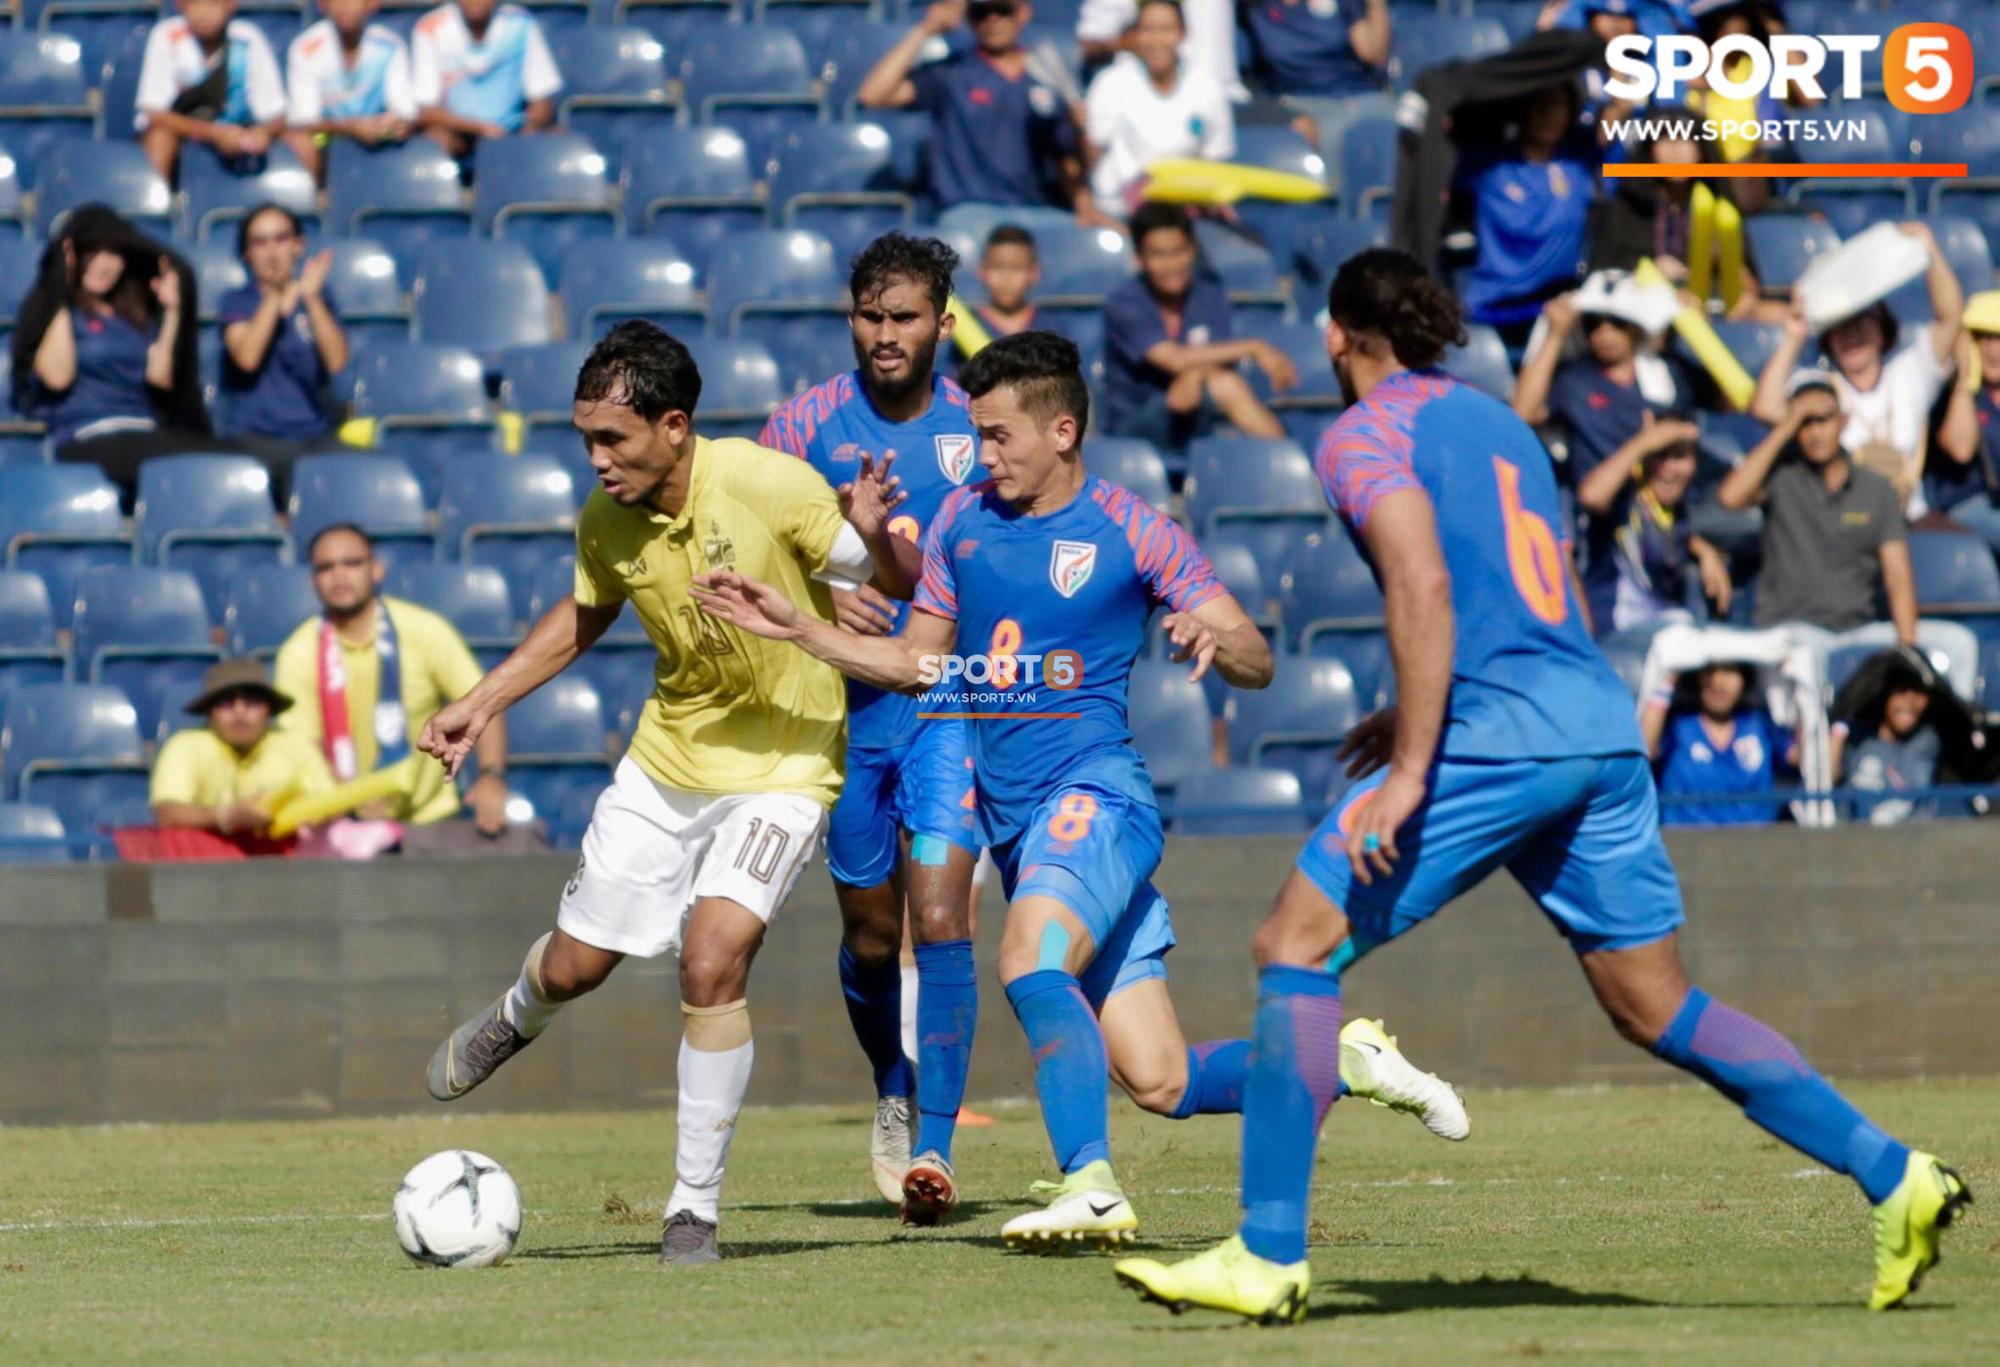 Thua trắng Ấn Độ, Thái Lan xếp chót giải đấu Kings Cup được tổ chức ngay trên sân nhà - Ảnh 1.